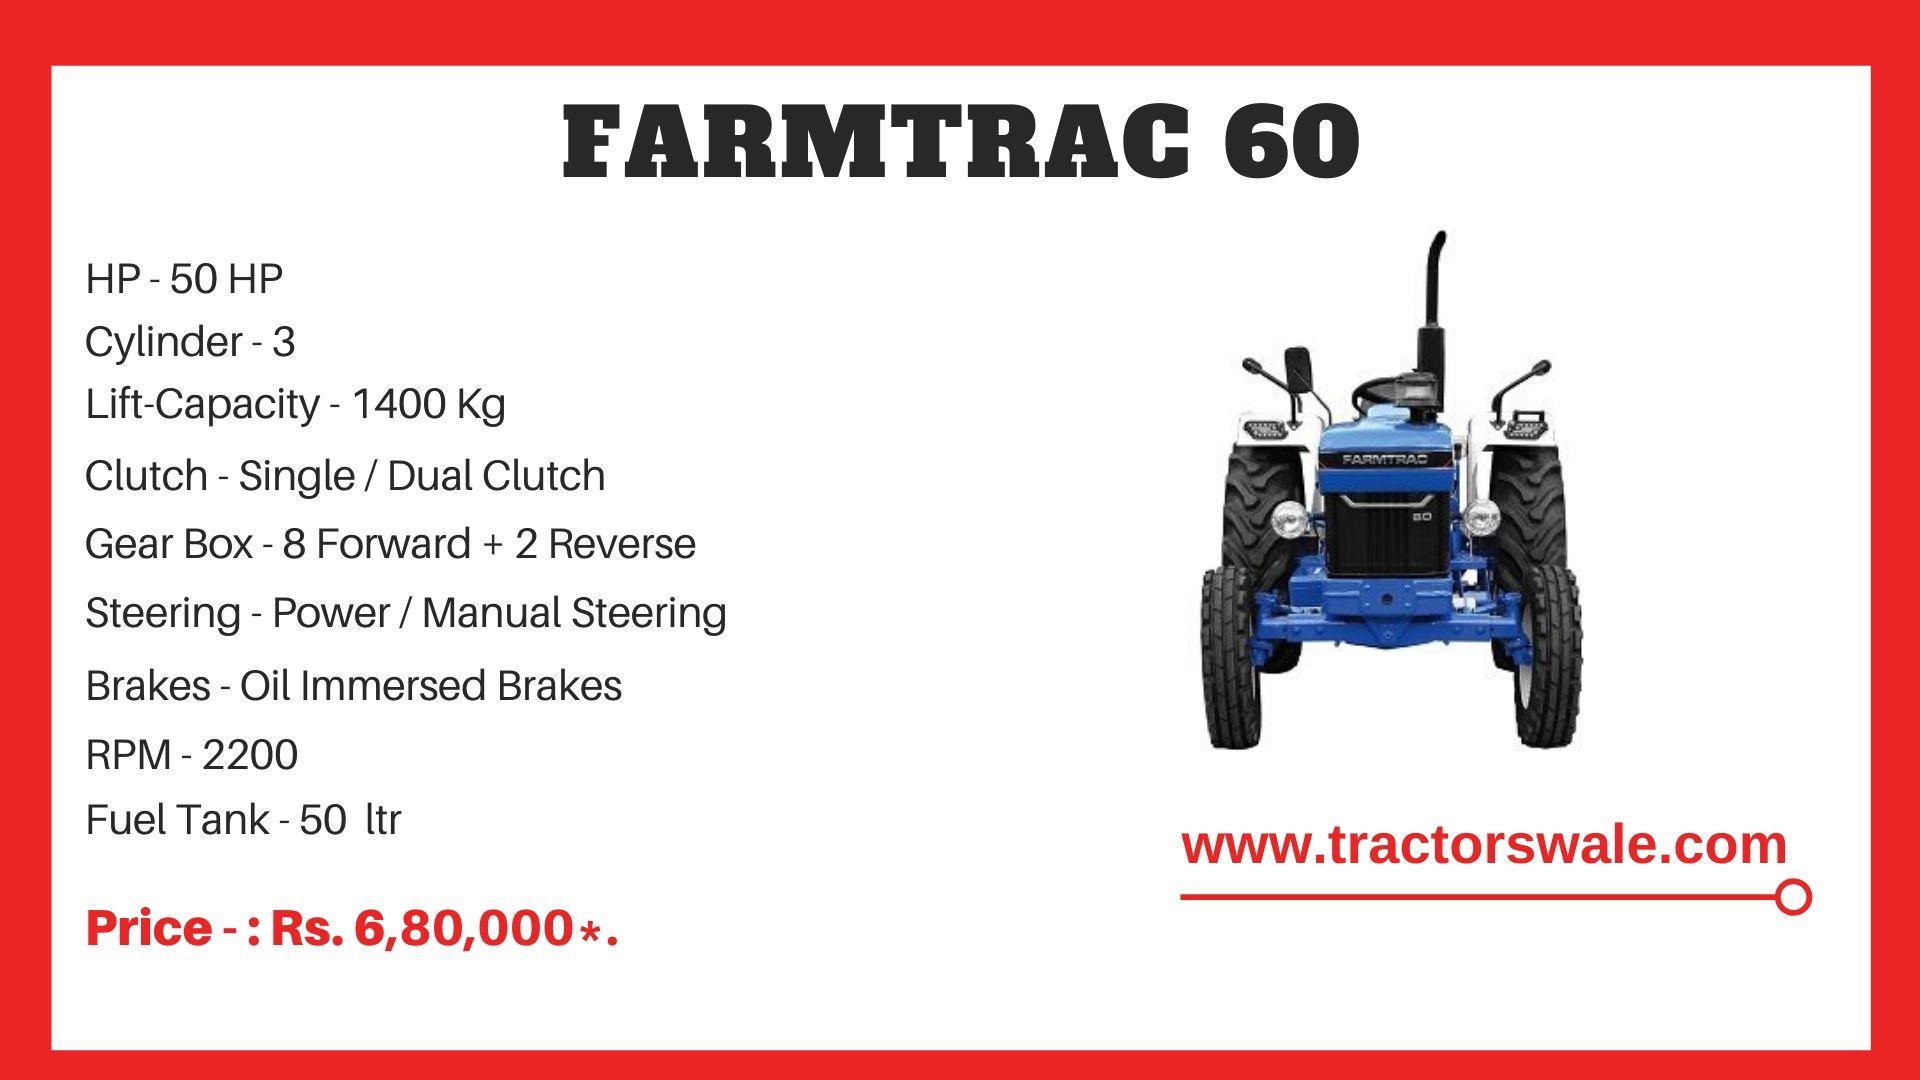 Farmtrac 60 tractor price